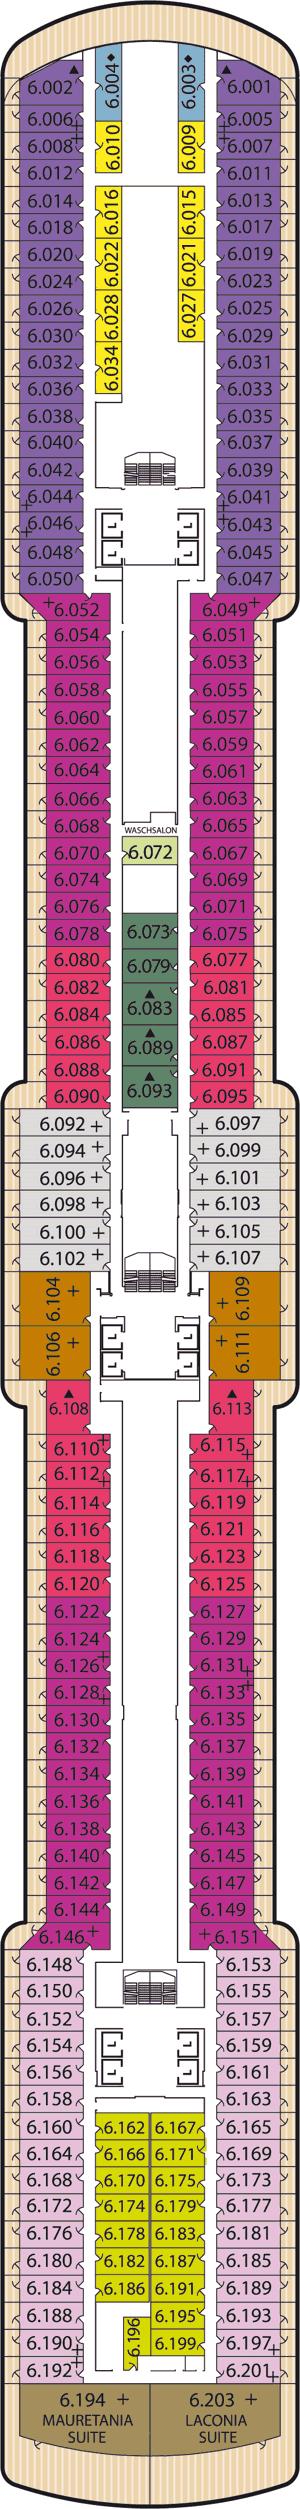 Queen Victoria - Deck 6